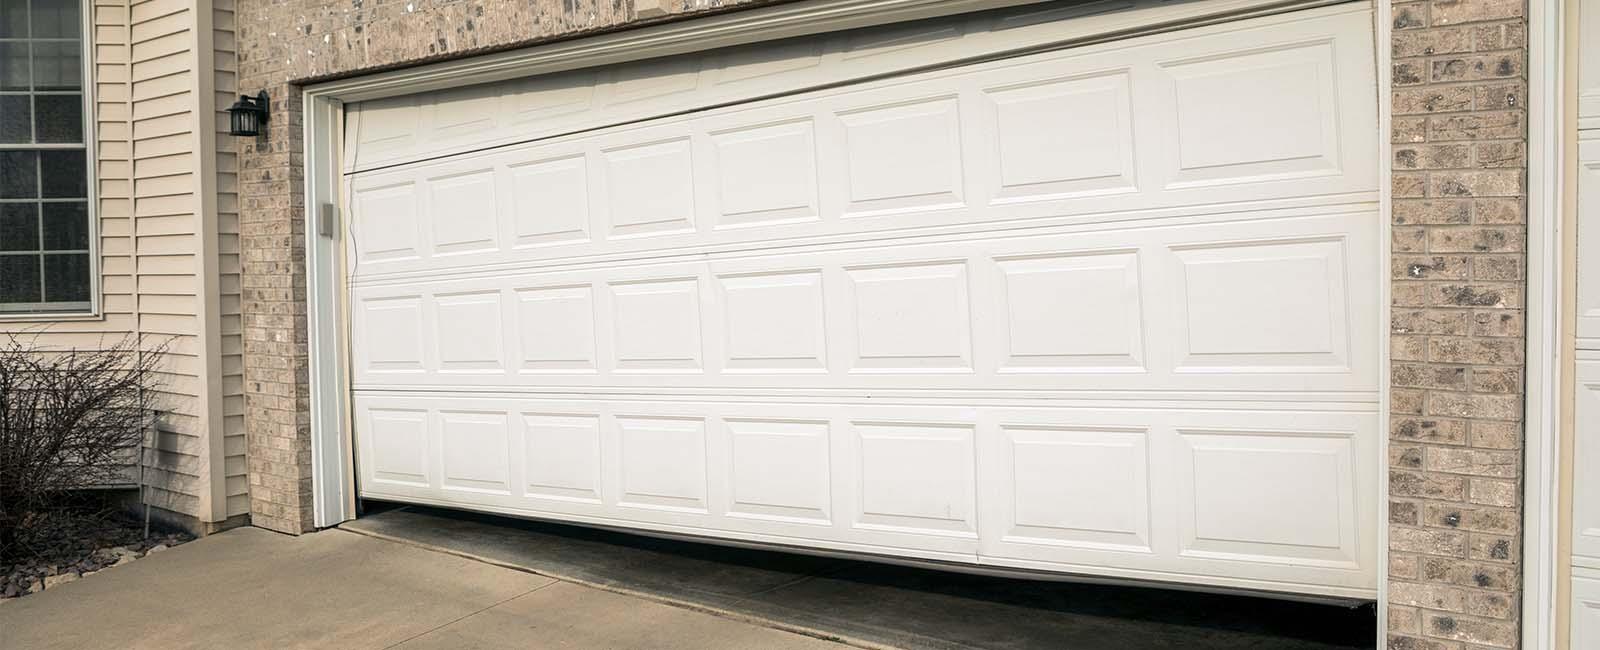 Alamo Door Systems Commercial Garage Doors In San